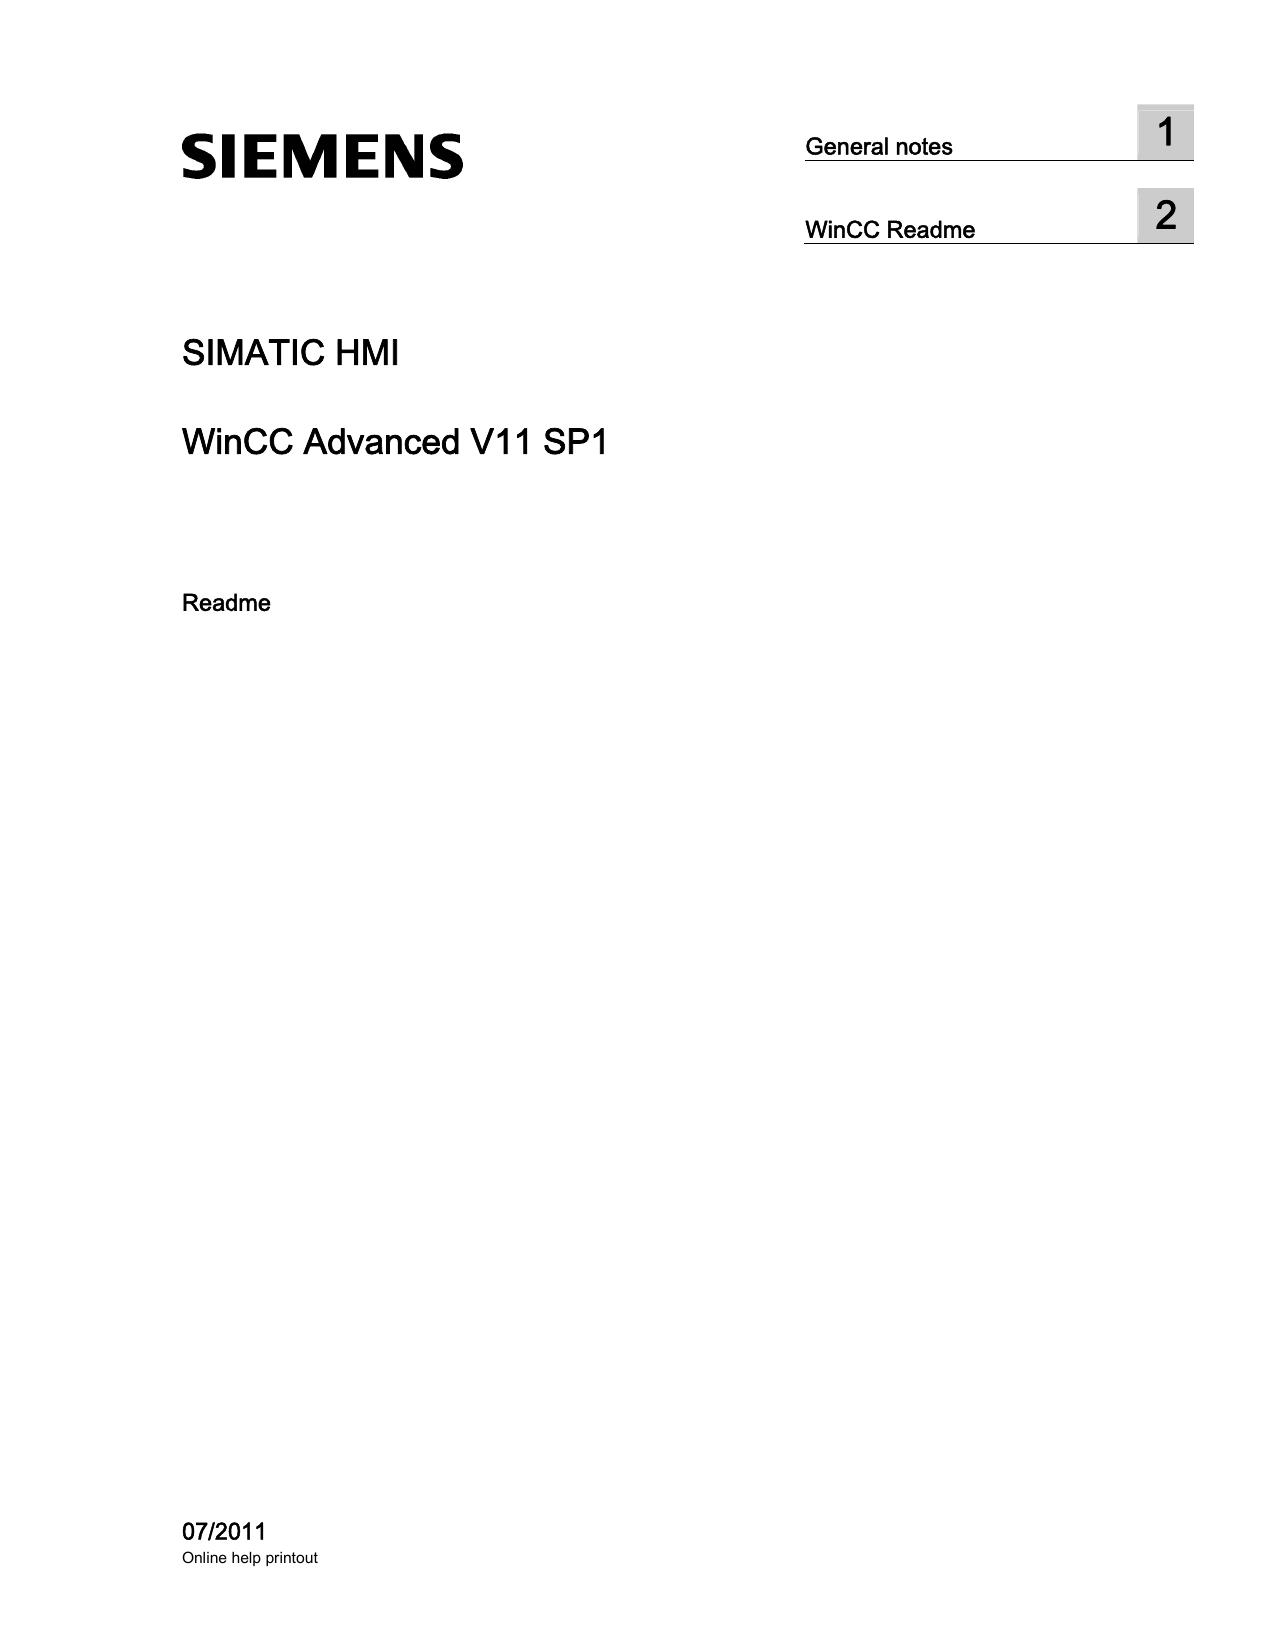 SIMATIC HMI WinCC Advanced V11 SP1 | manualzz com